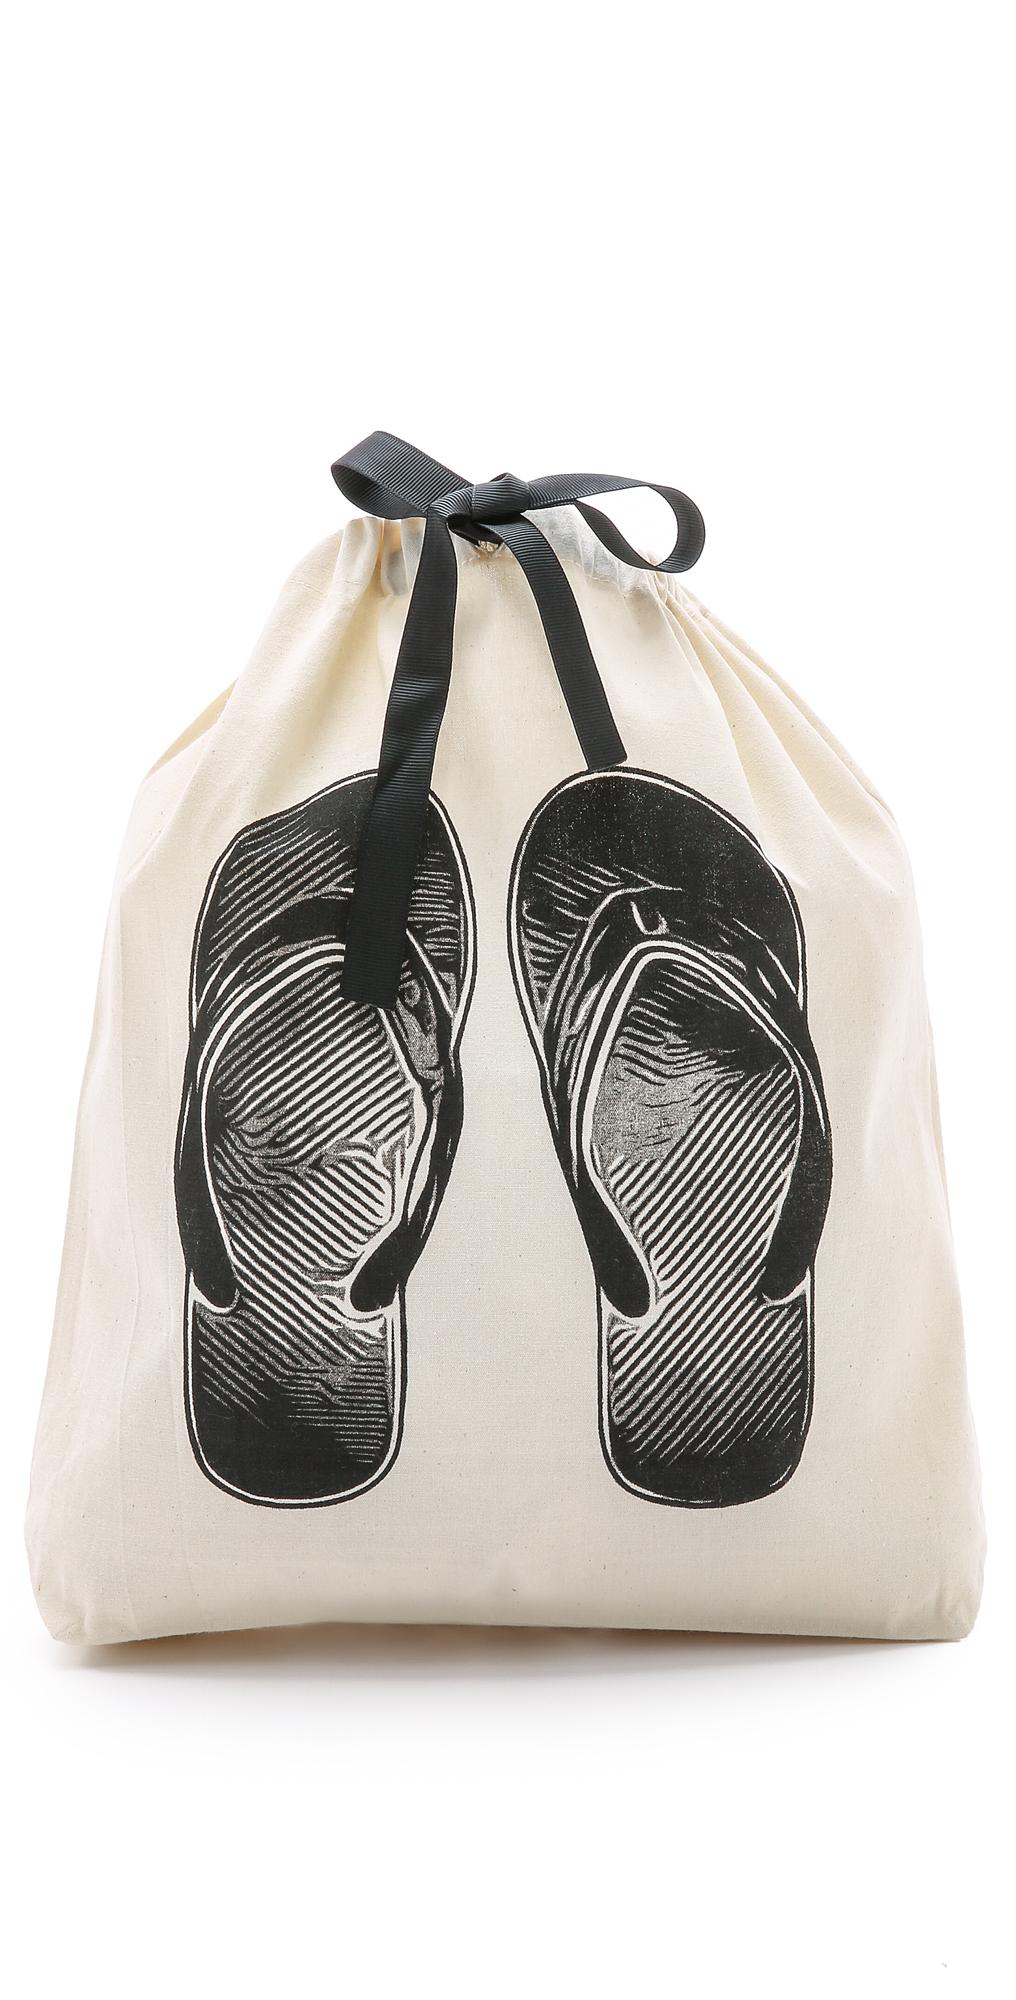 Flip Flop Organizing Bag Bag-all